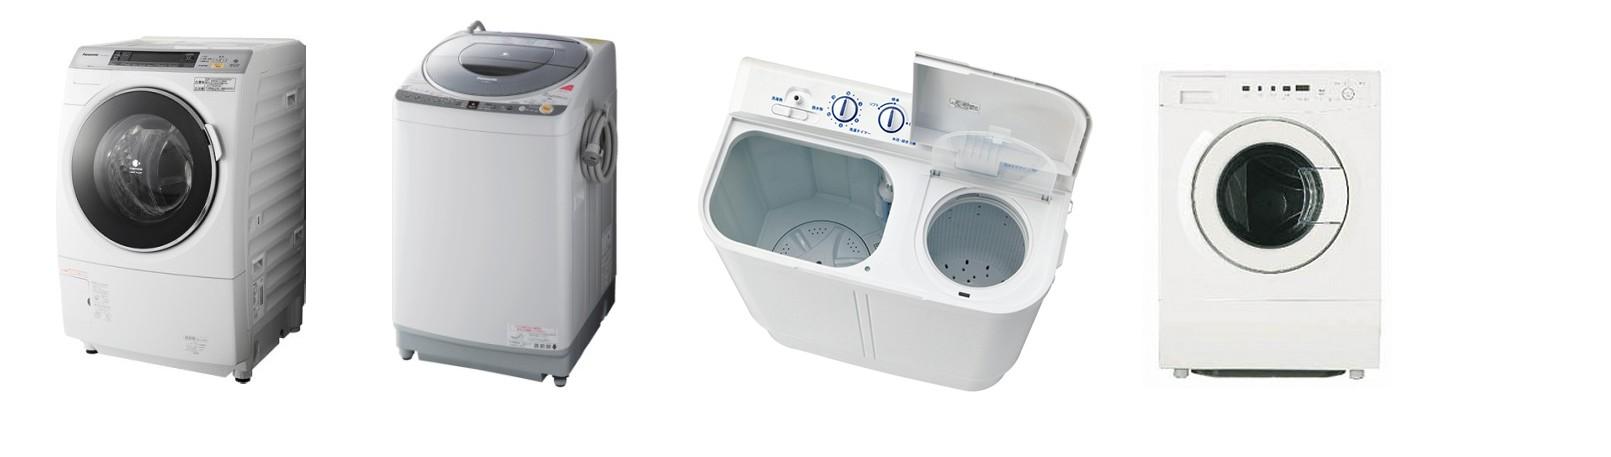 八街市で、洗濯機を処分するには?洗濯機の廃棄方法 引き取りと回収なら片付けセンターまで